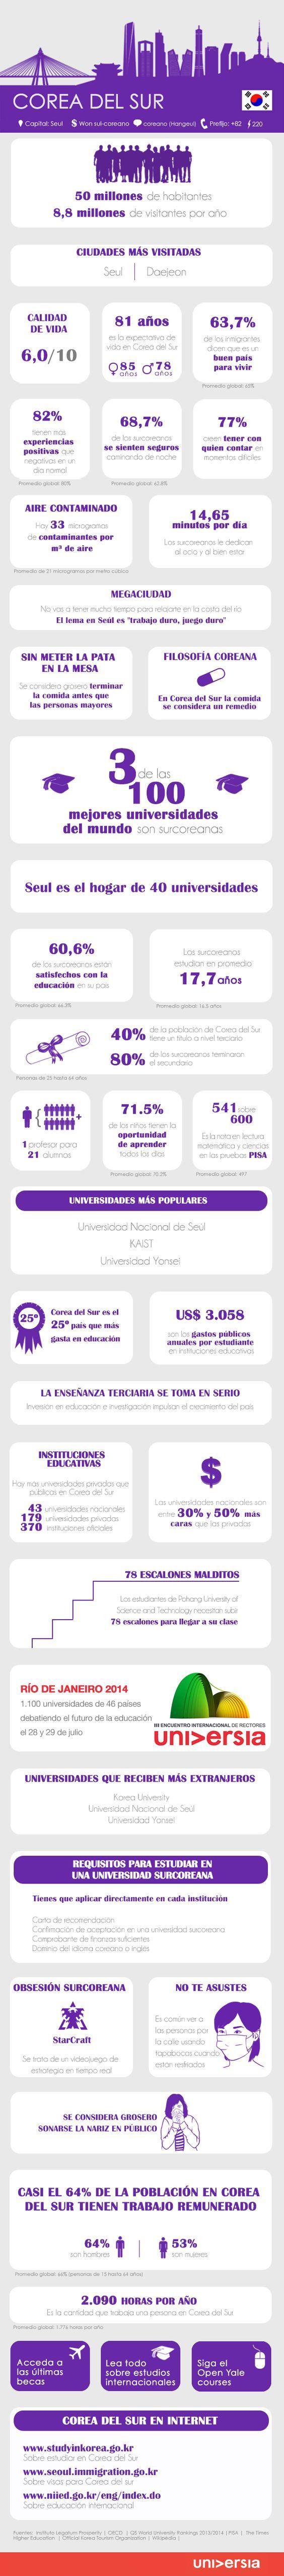 30 claves para estudiar y trabajar en Corea del Sur #infografia